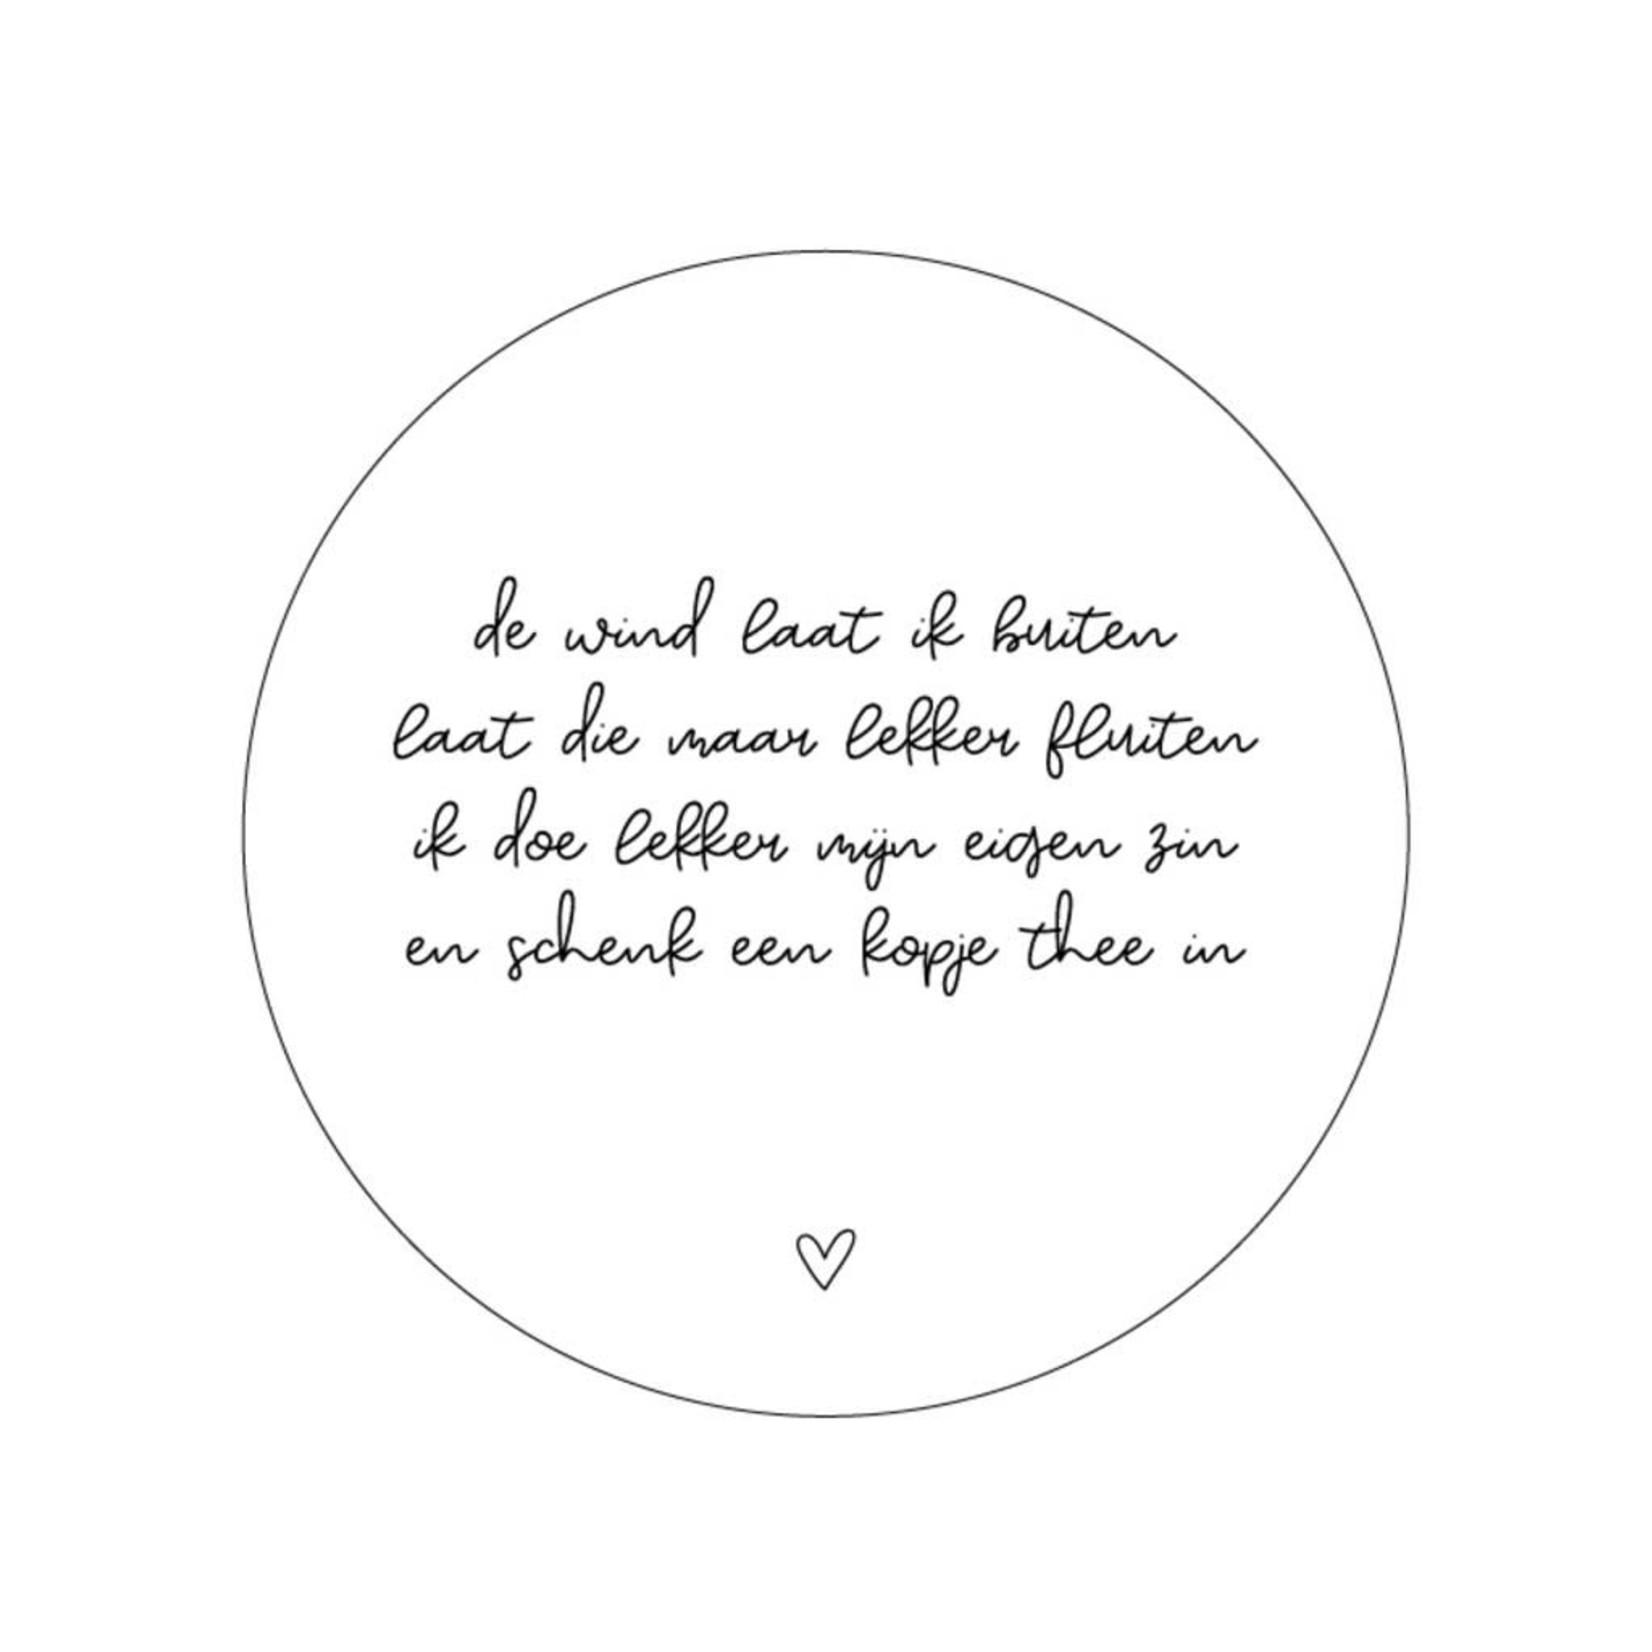 Zoedt Zoedt   Muurcirkel wit met gedicht 20 cm